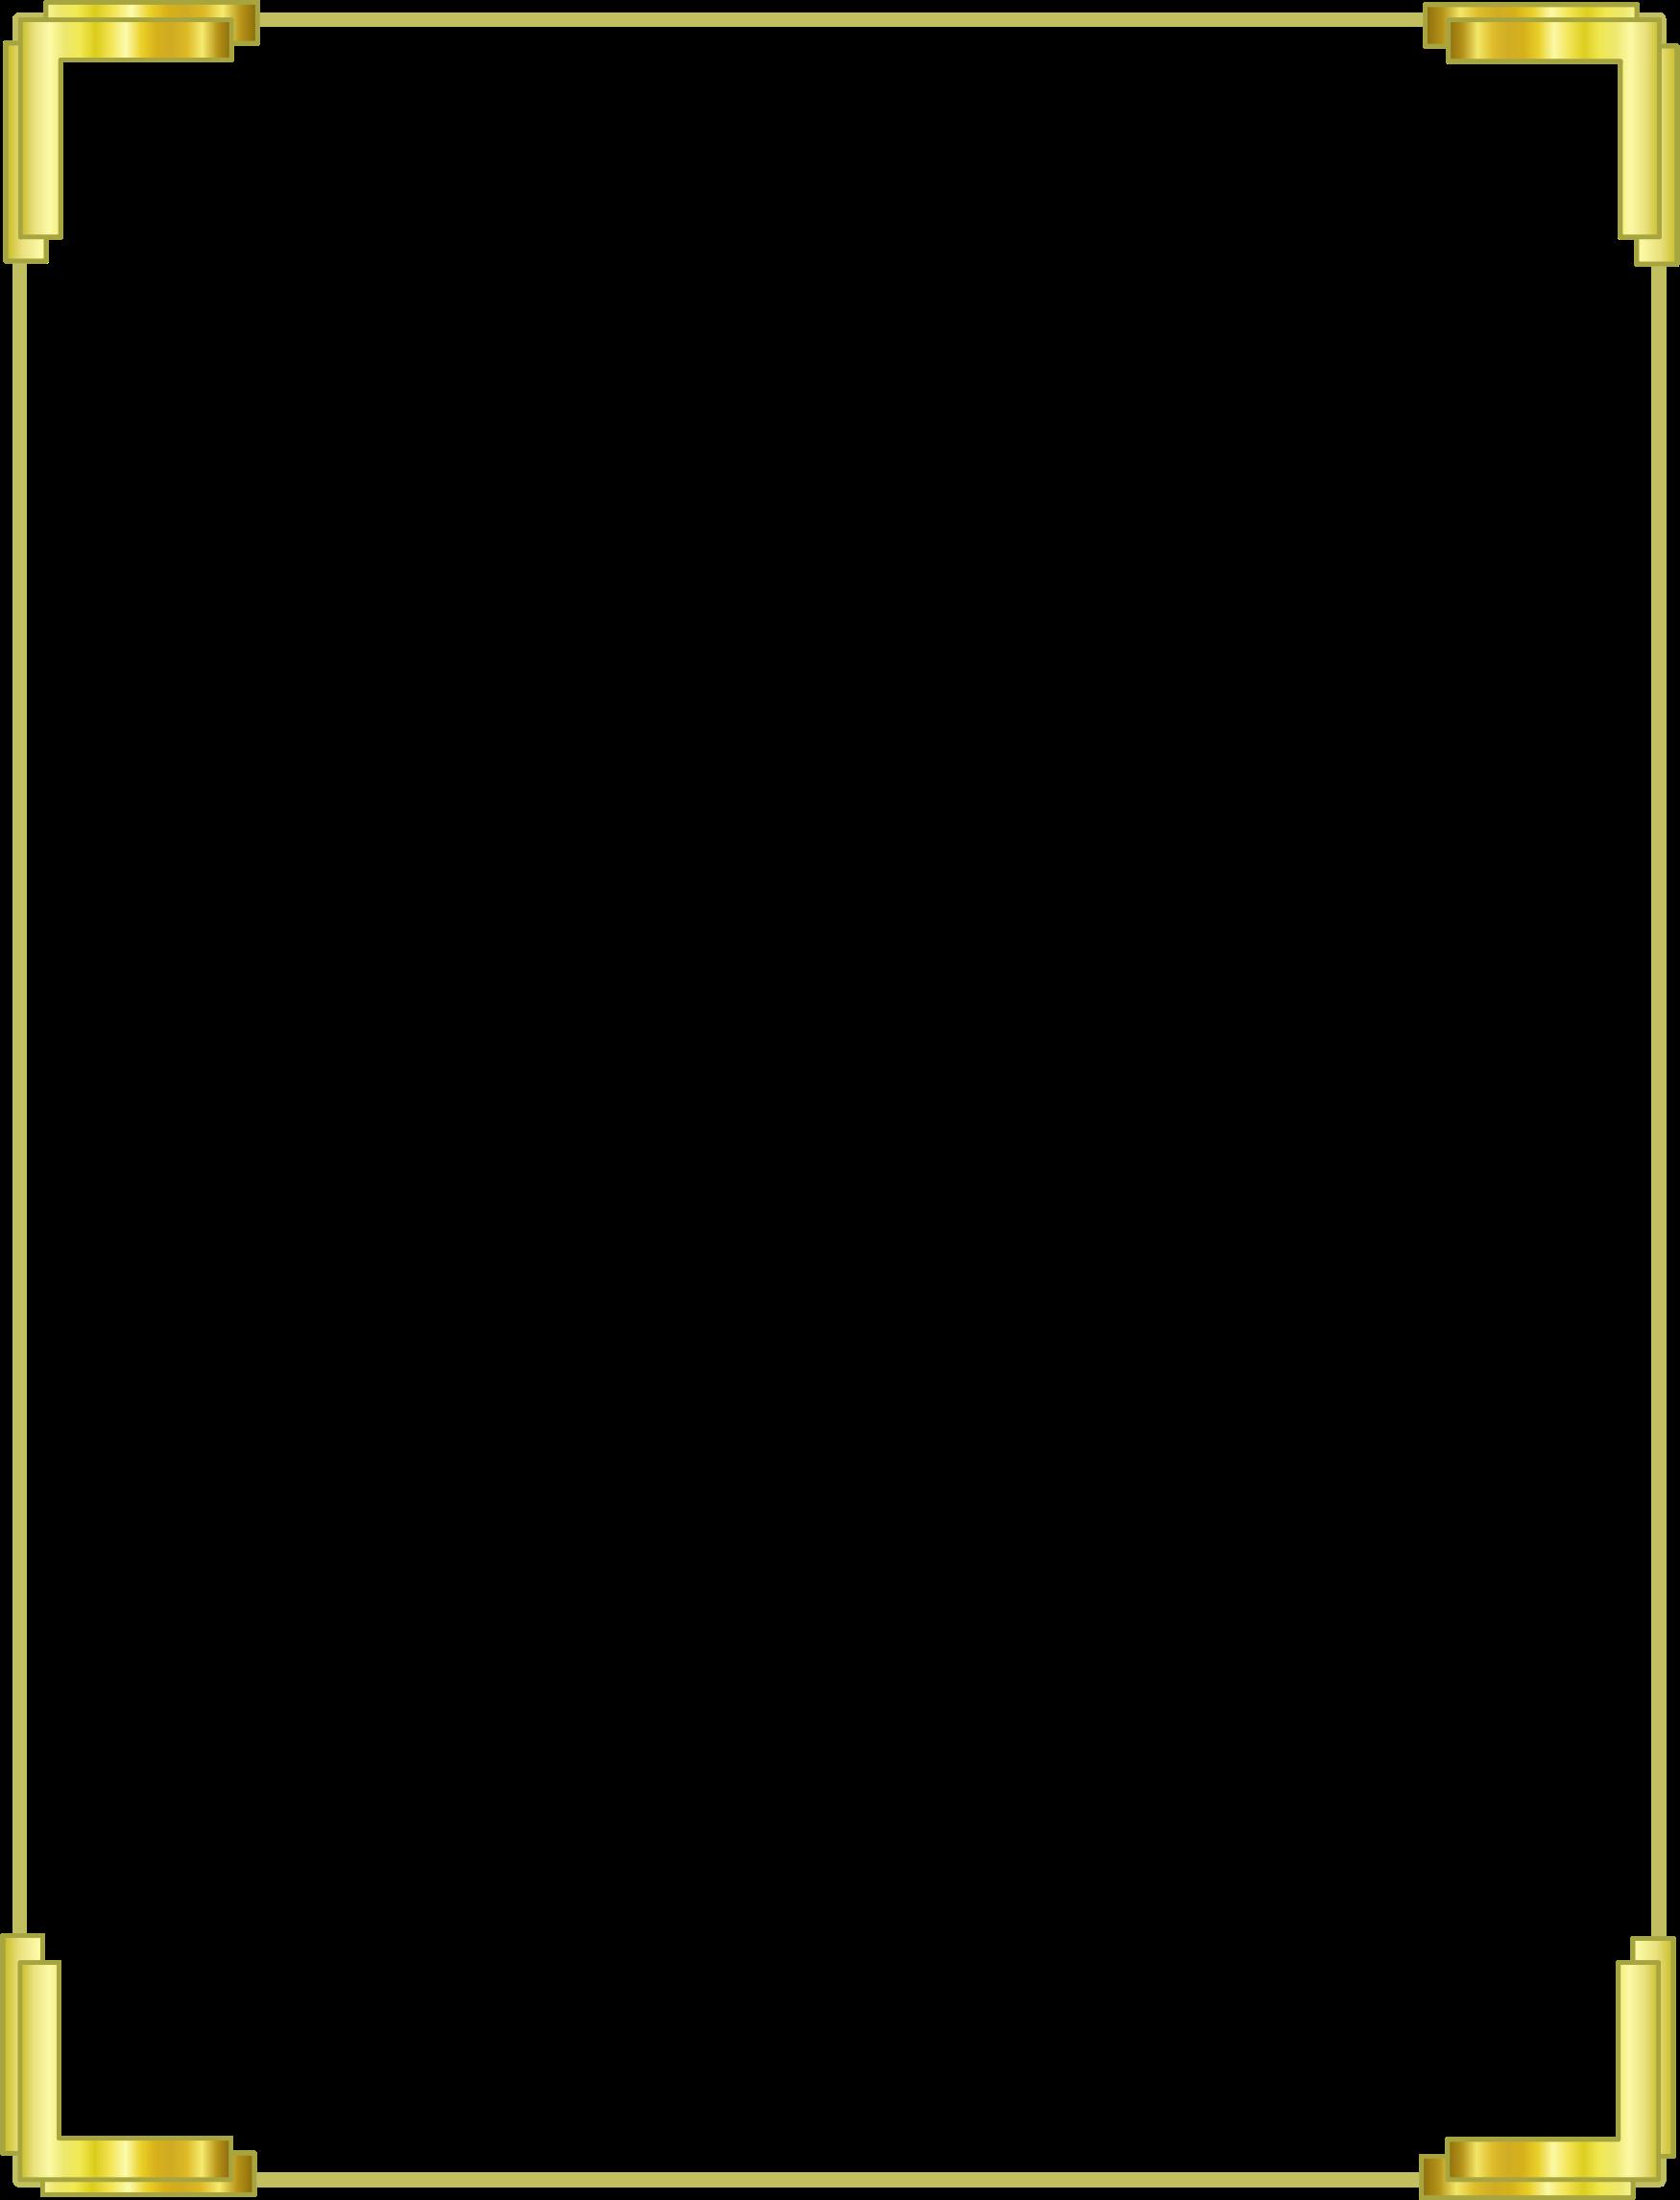 Border PNG Images, Gold Border, Line Frames, Blank.